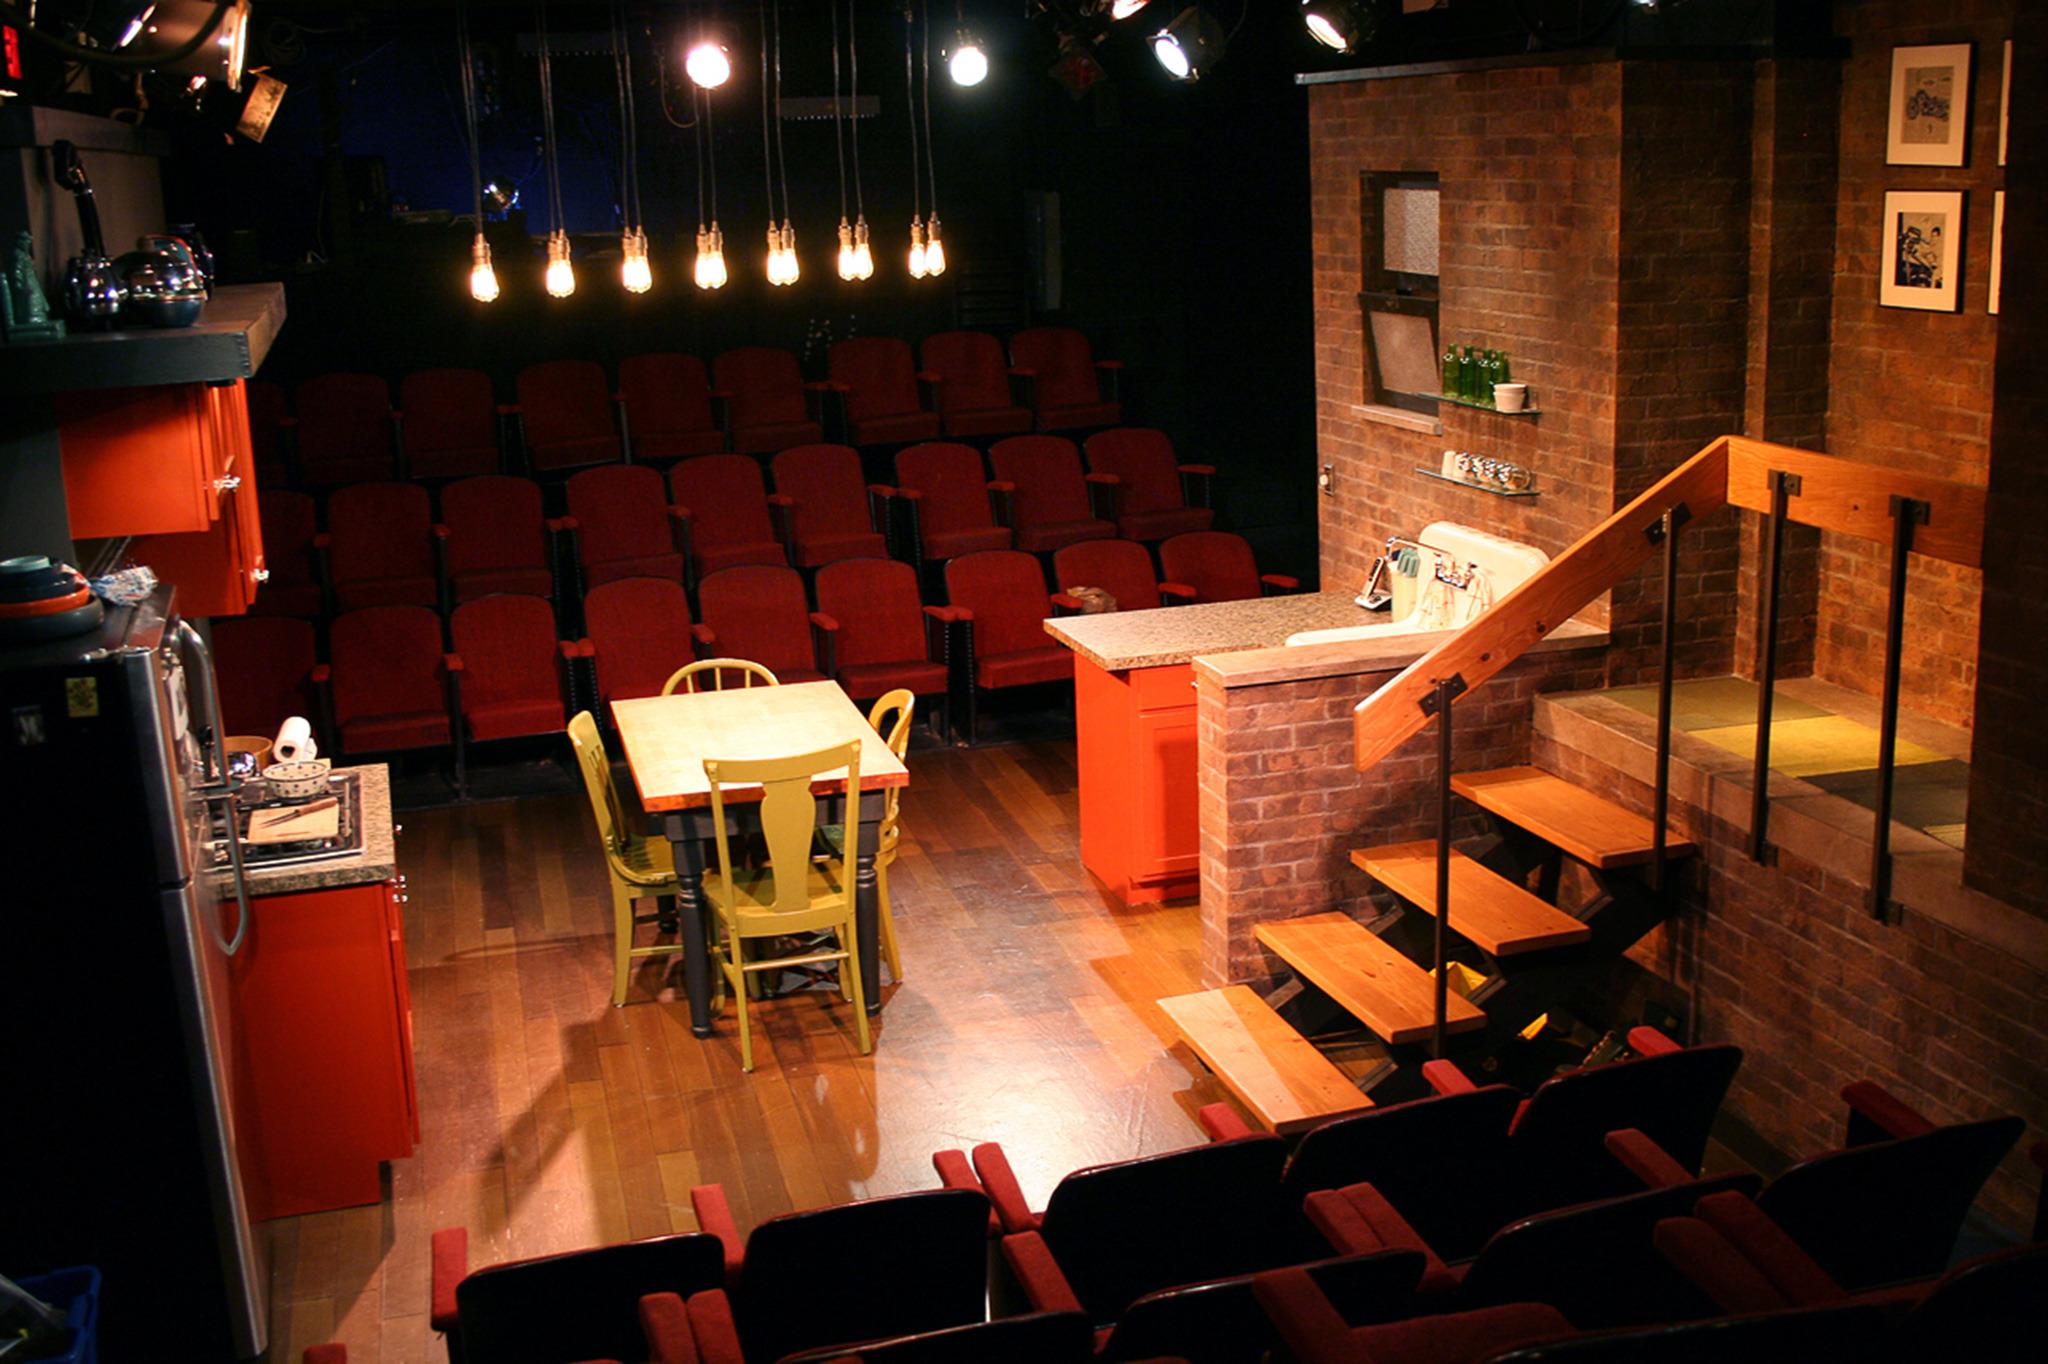 Profiles Theatre